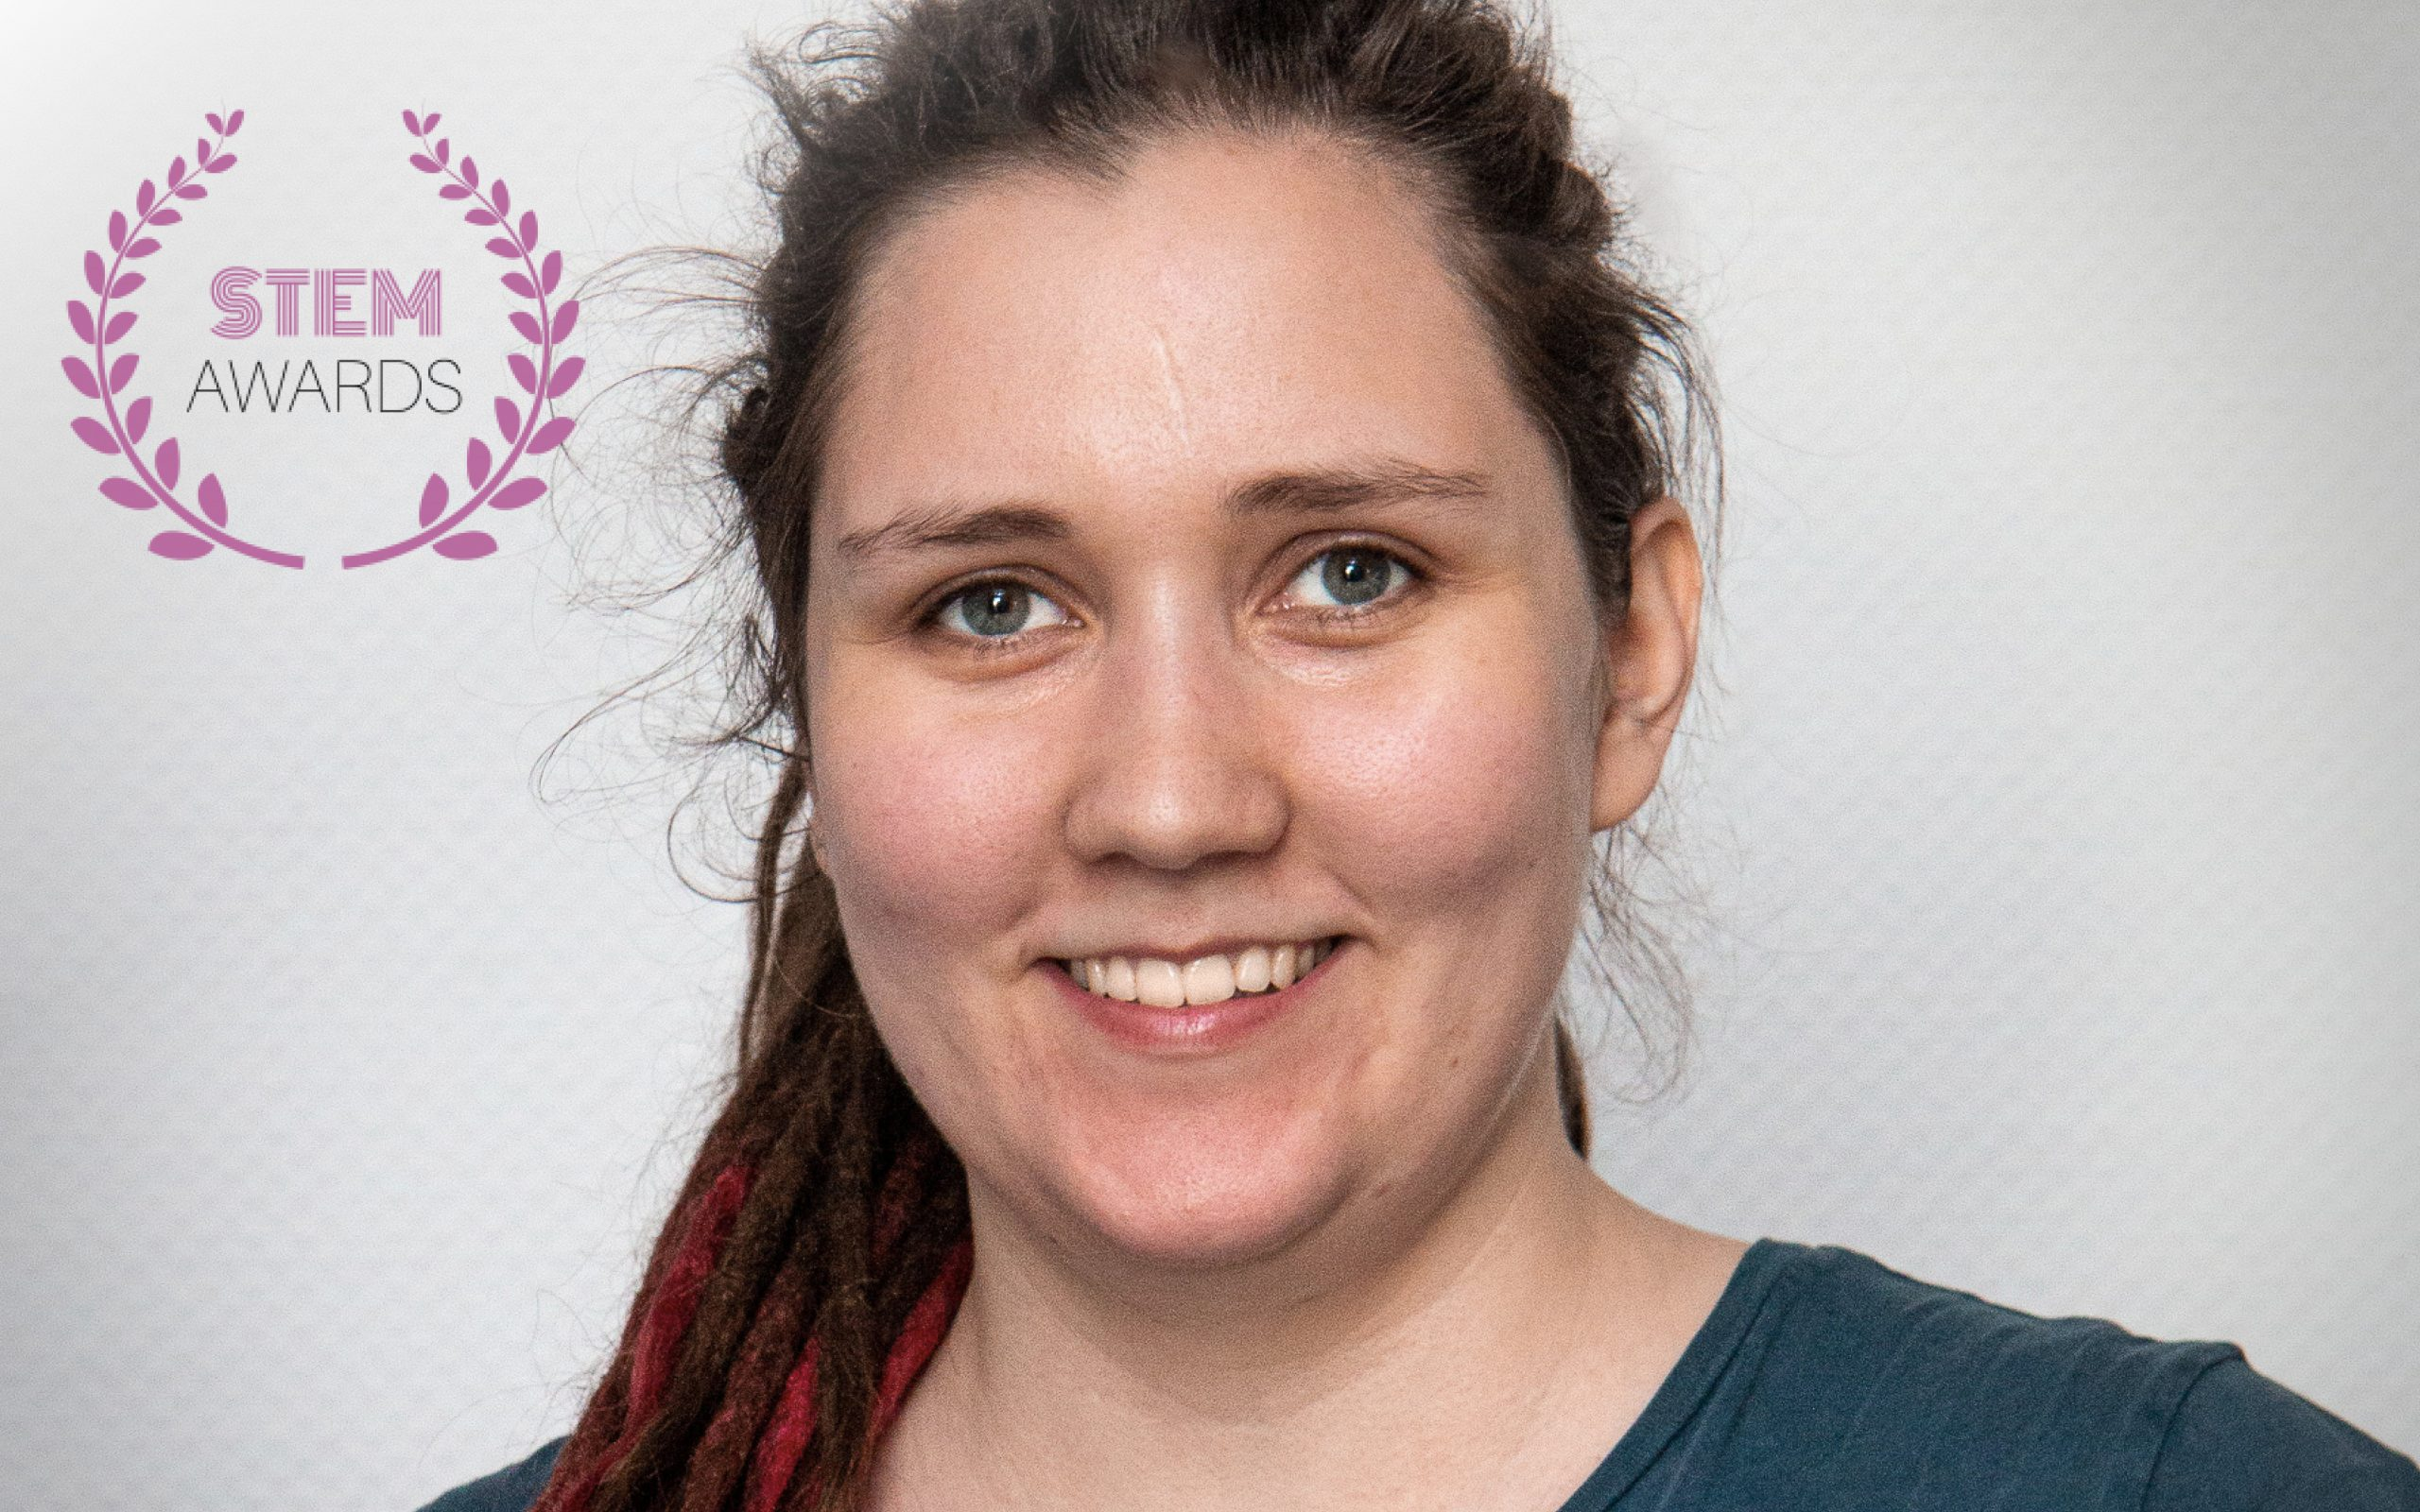 Porträttbild på Adna Bliek, vinnare av women's STEM awards.